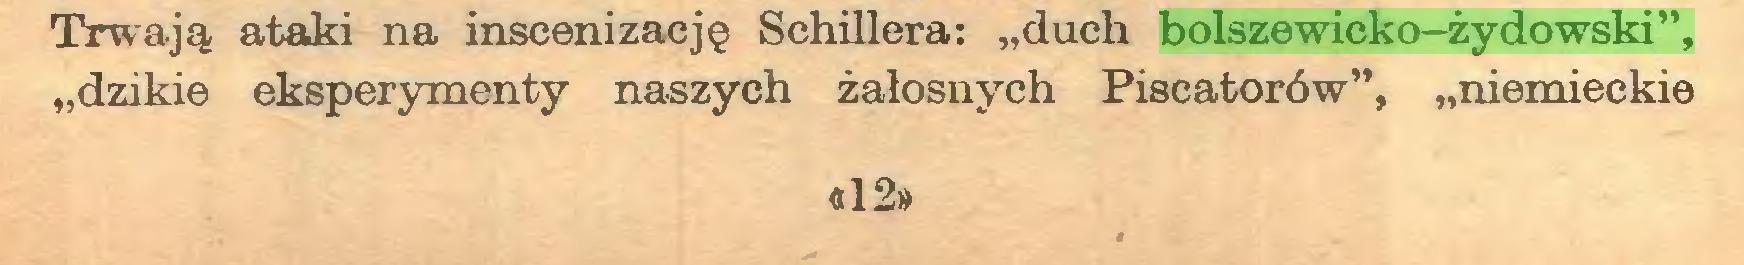 """(...) Trwają ataki na inscenizację Schillera: """"duch bolszewicko-żydowski"""", """"dzikie eksperymenty naszych żałosnych Piscatorów"""", """"niemieckie «12»..."""